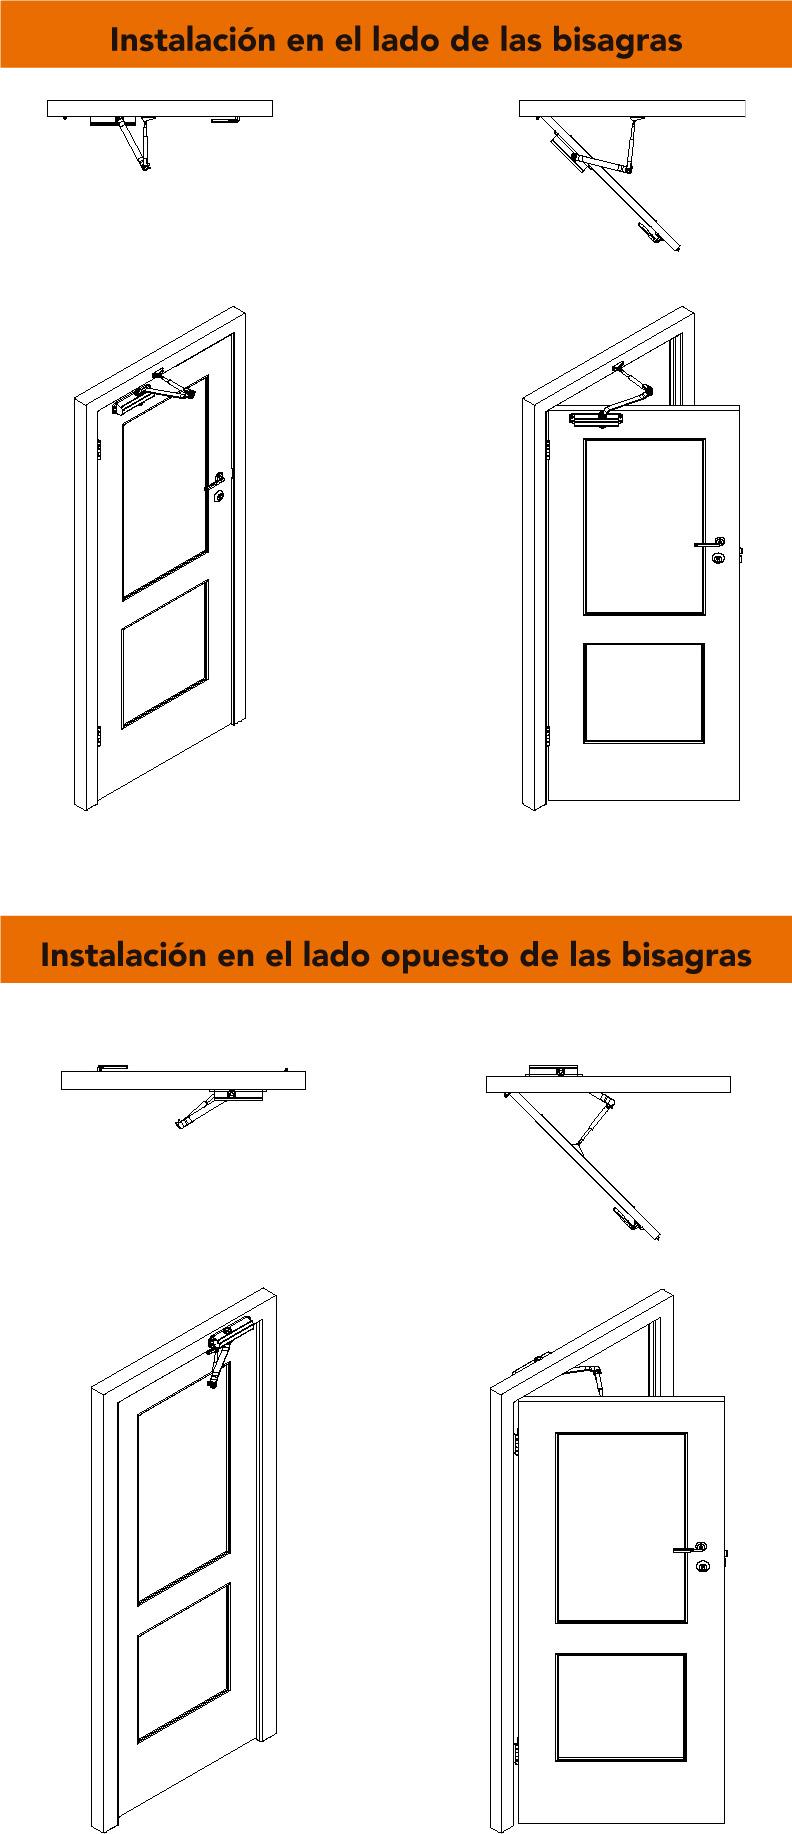 cierra_instalacion